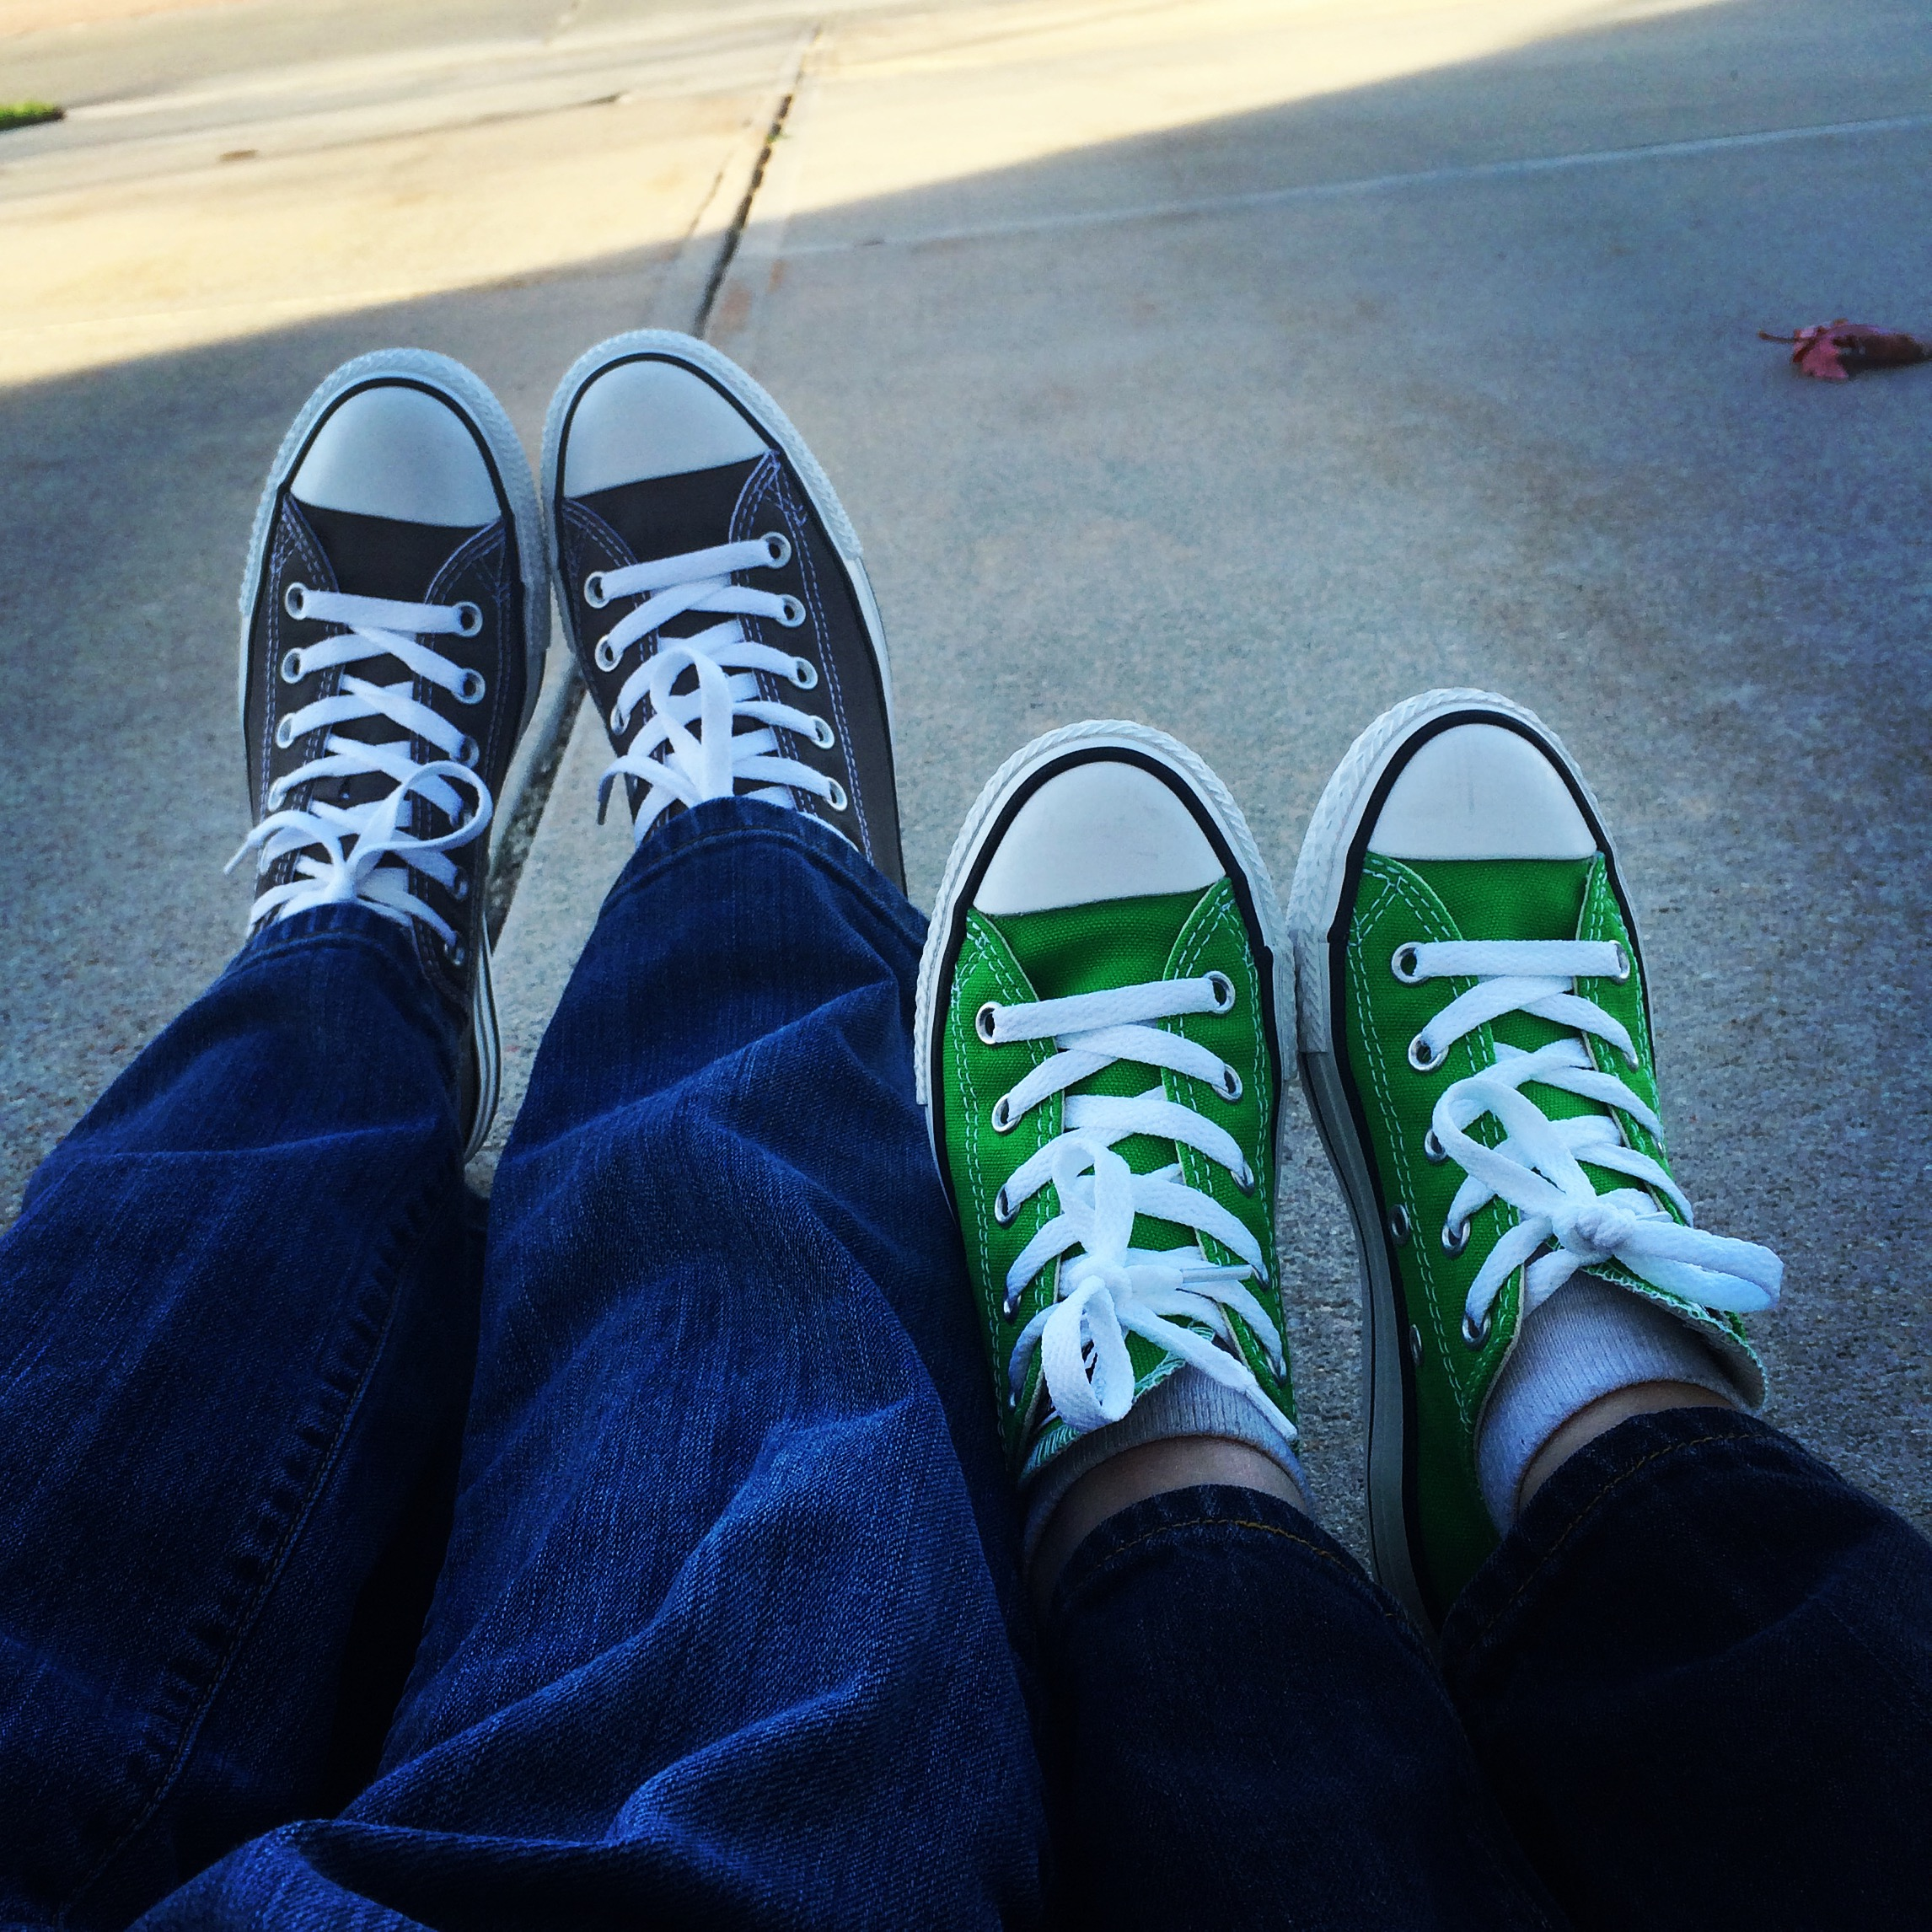 Matching Converse